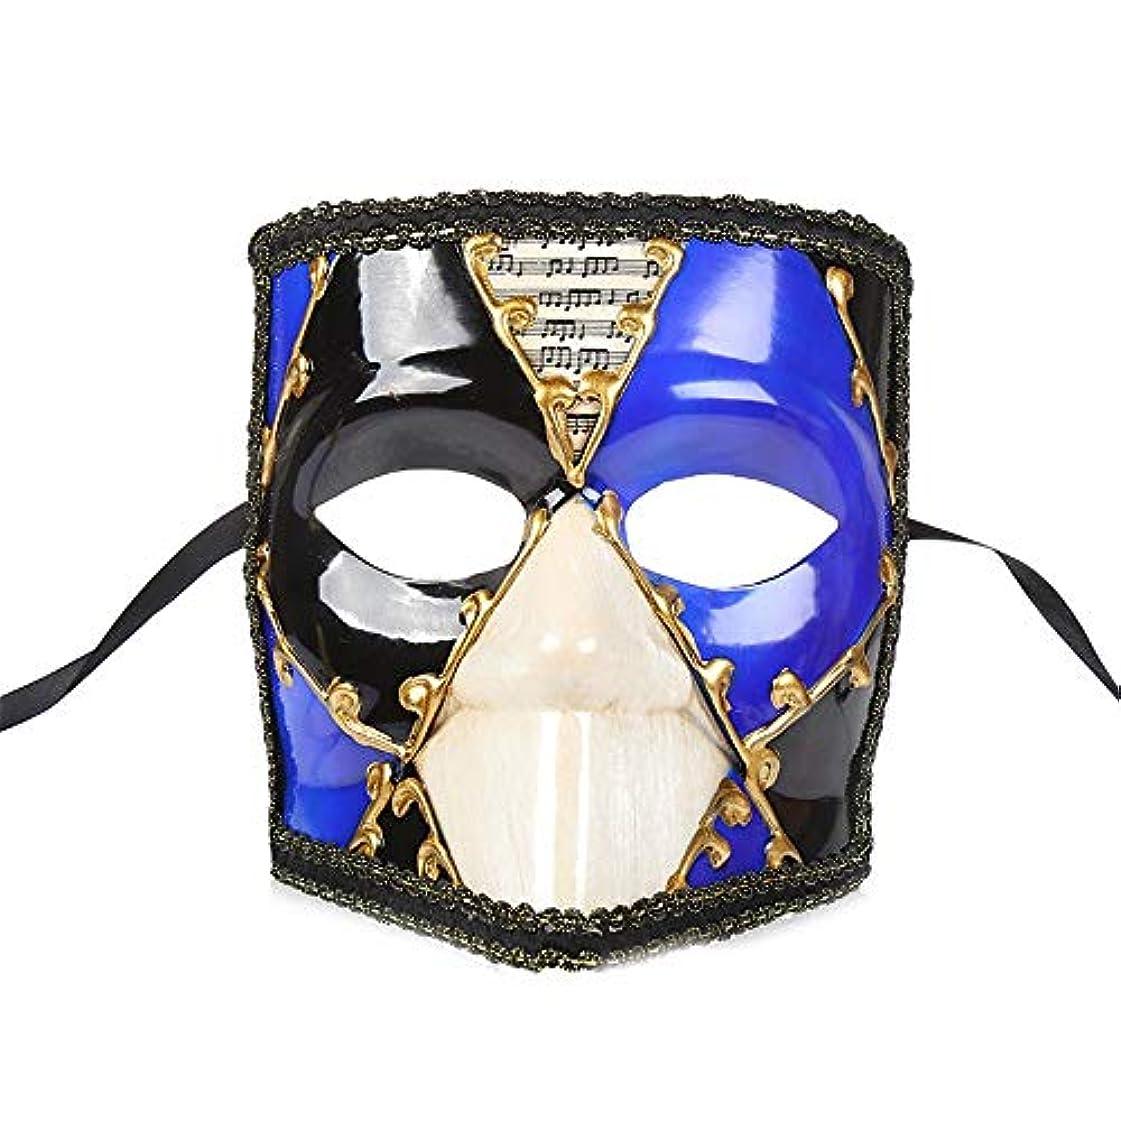 ダンスマスク ピエロマスクヴィンテージマスカレードショーデコレーションコスプレナイトクラブプラスチック厚いマスク ホリデーパーティー用品 (色 : 青, サイズ : 18x15cm)